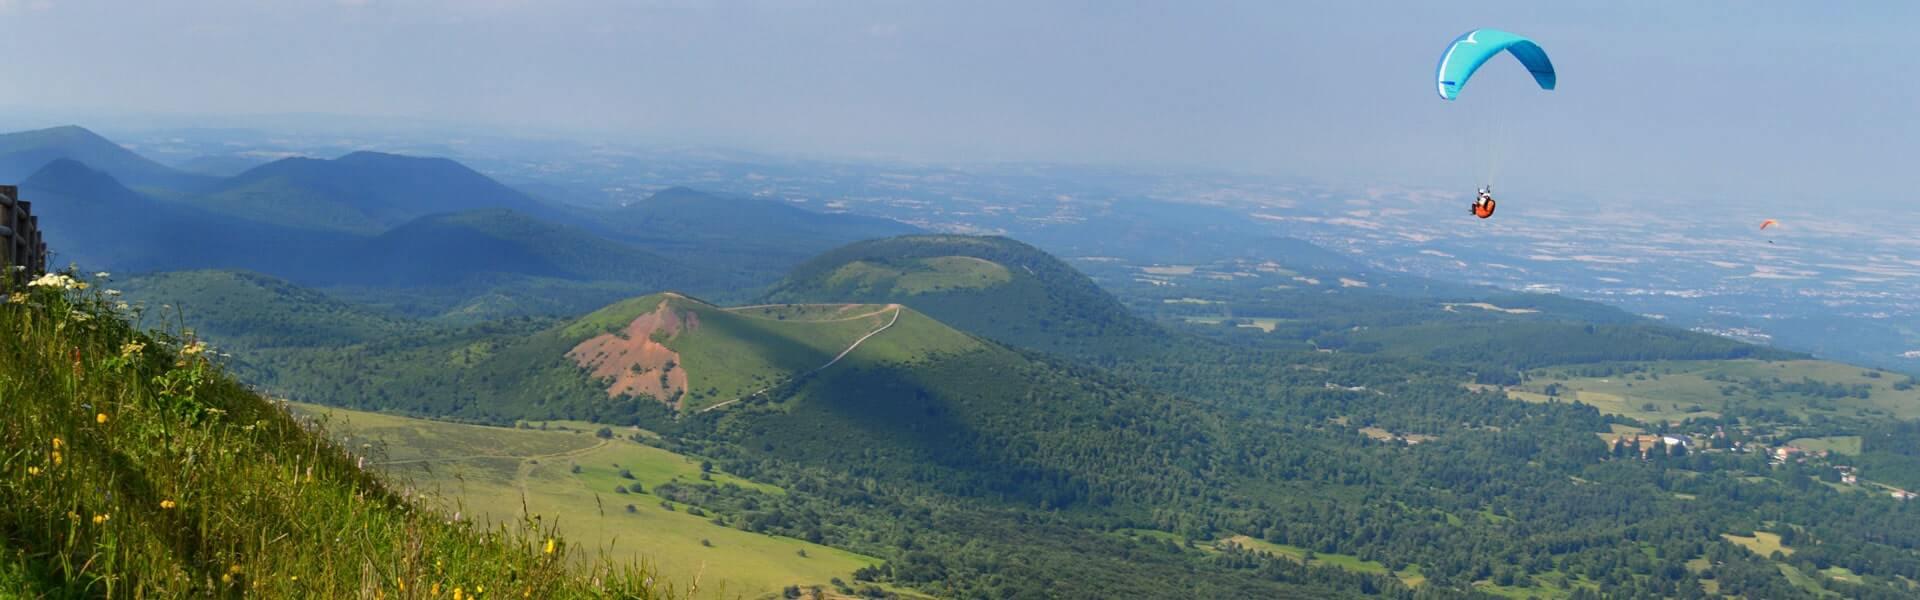 Firmenreisen und Incentive Trips von b-ceed: in die Auvergne Parasailing machen mit b-ceed